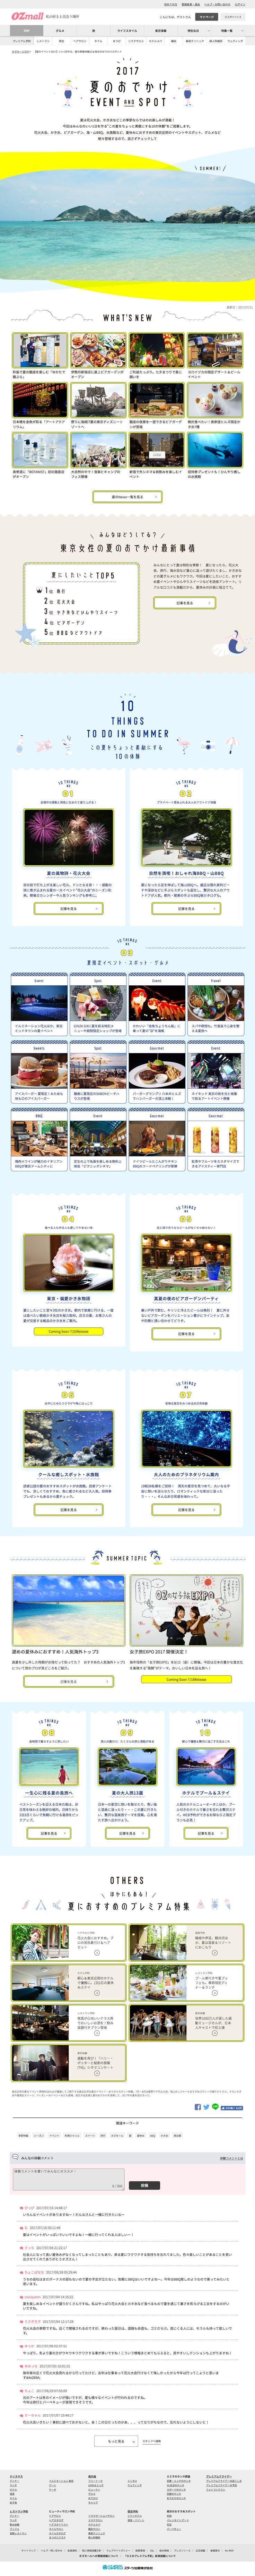 【夏のイベント2017】夏の素敵体験10&東京のおでかけスポット - OZmall http://www.ozmall.co.jp/summer/